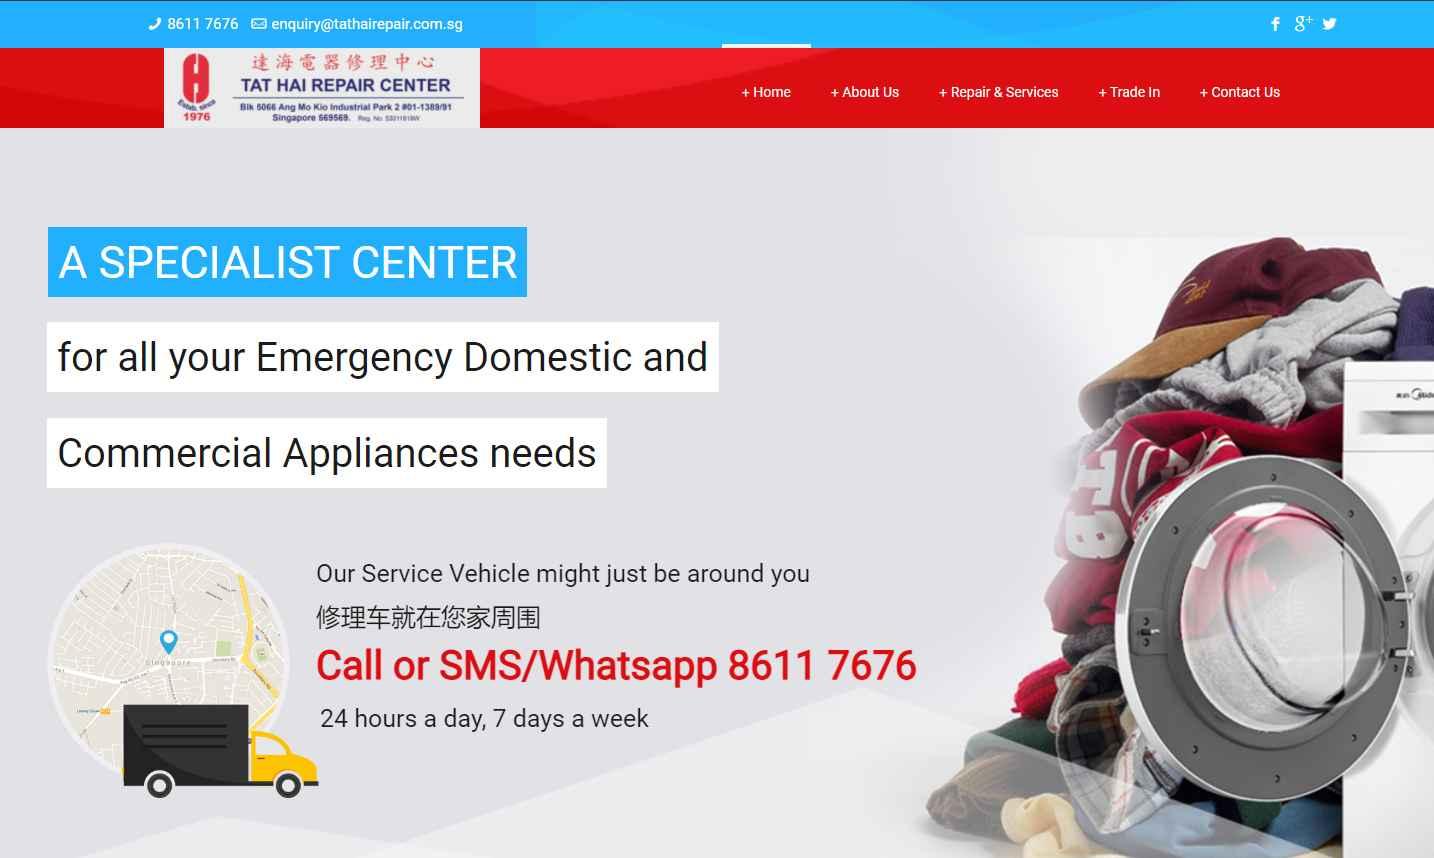 tathairepair Top Microwave Repair Services in Singapore